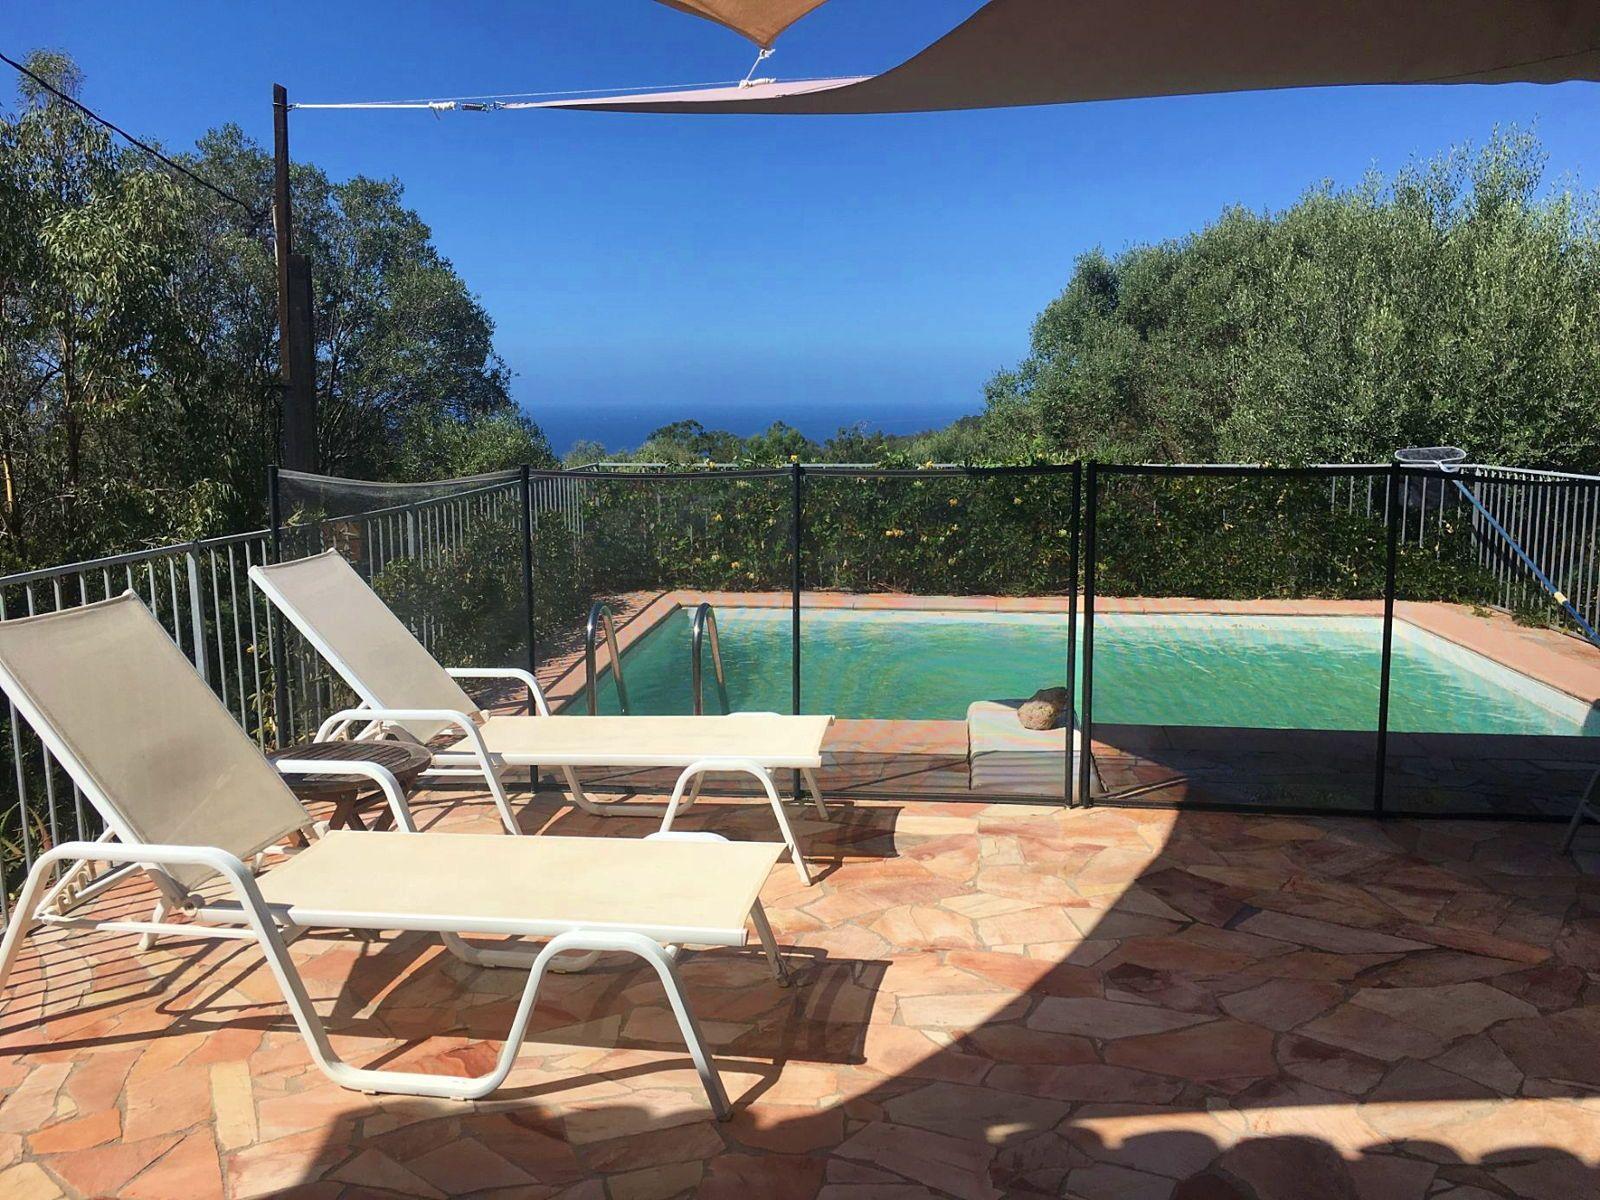 Loue maison à Olmeto (Corse du Sud) 8couchages, proche plages